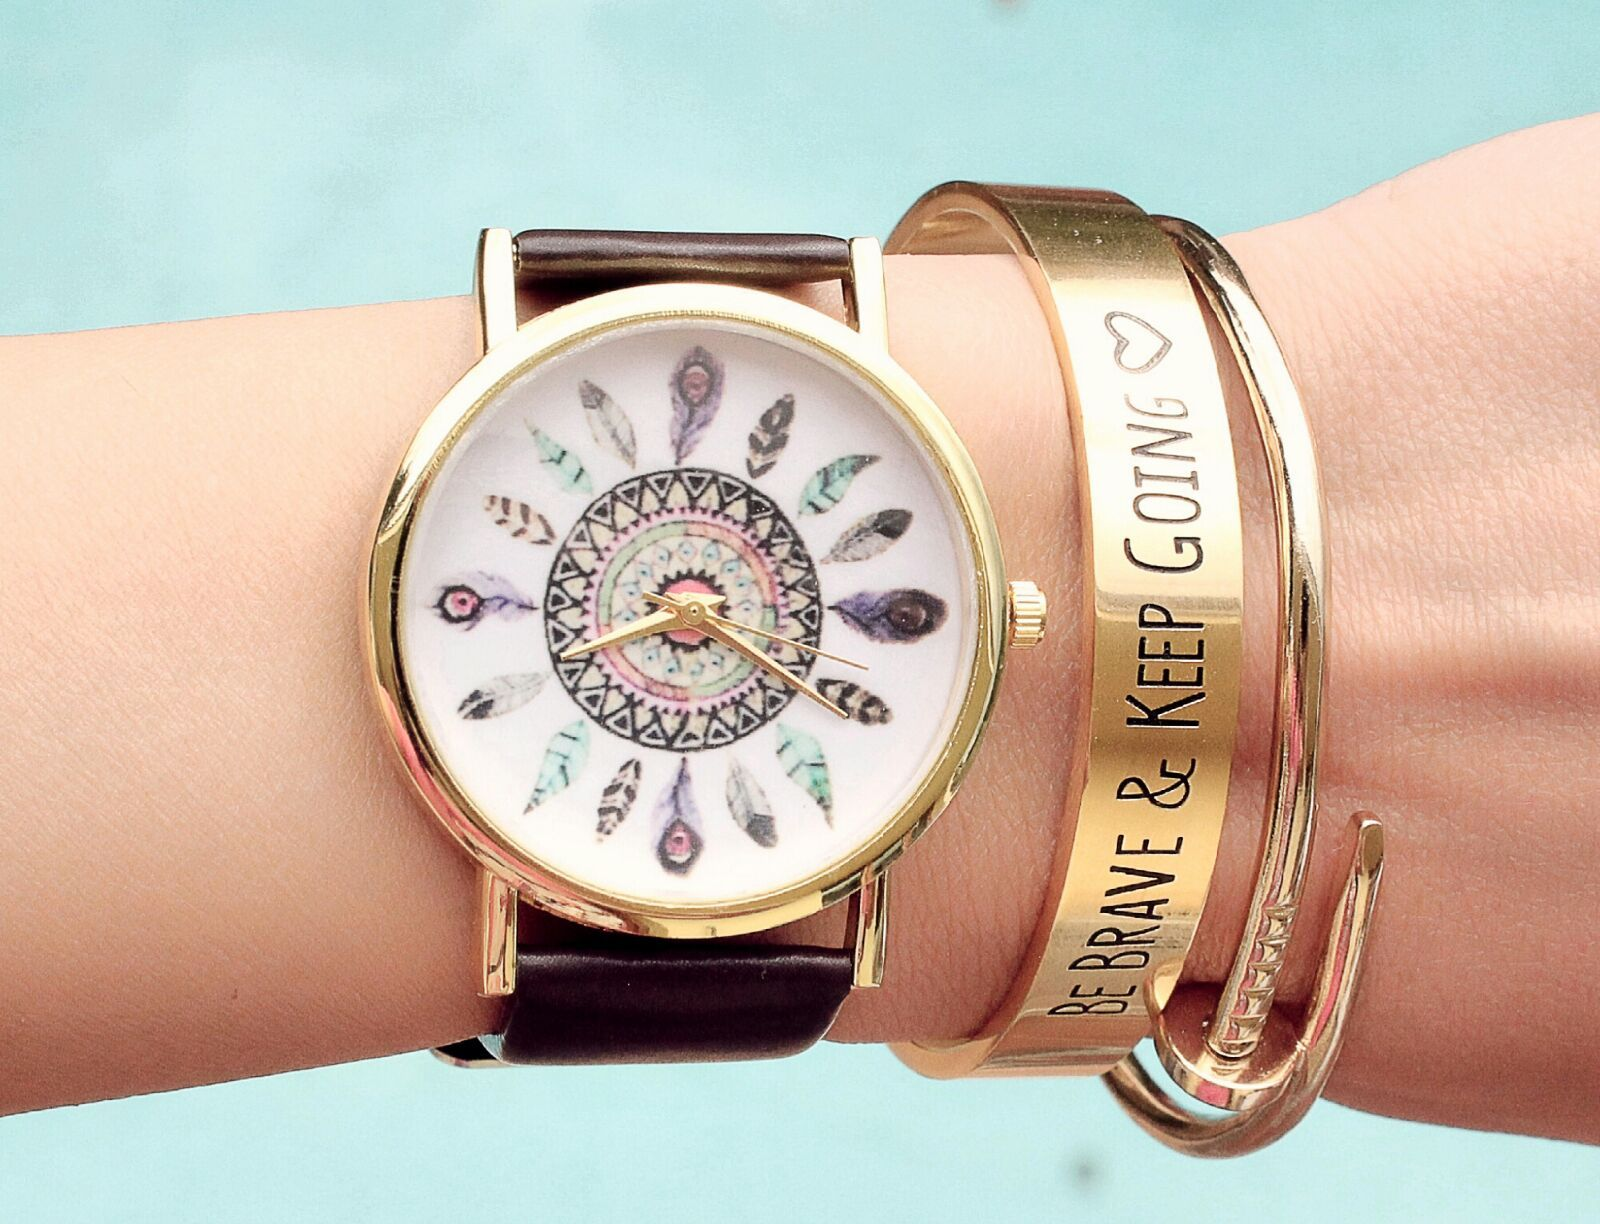 montres femme tendance  montres  montrestendance  montrescadeaufemme ... 77dbbc00a7c3